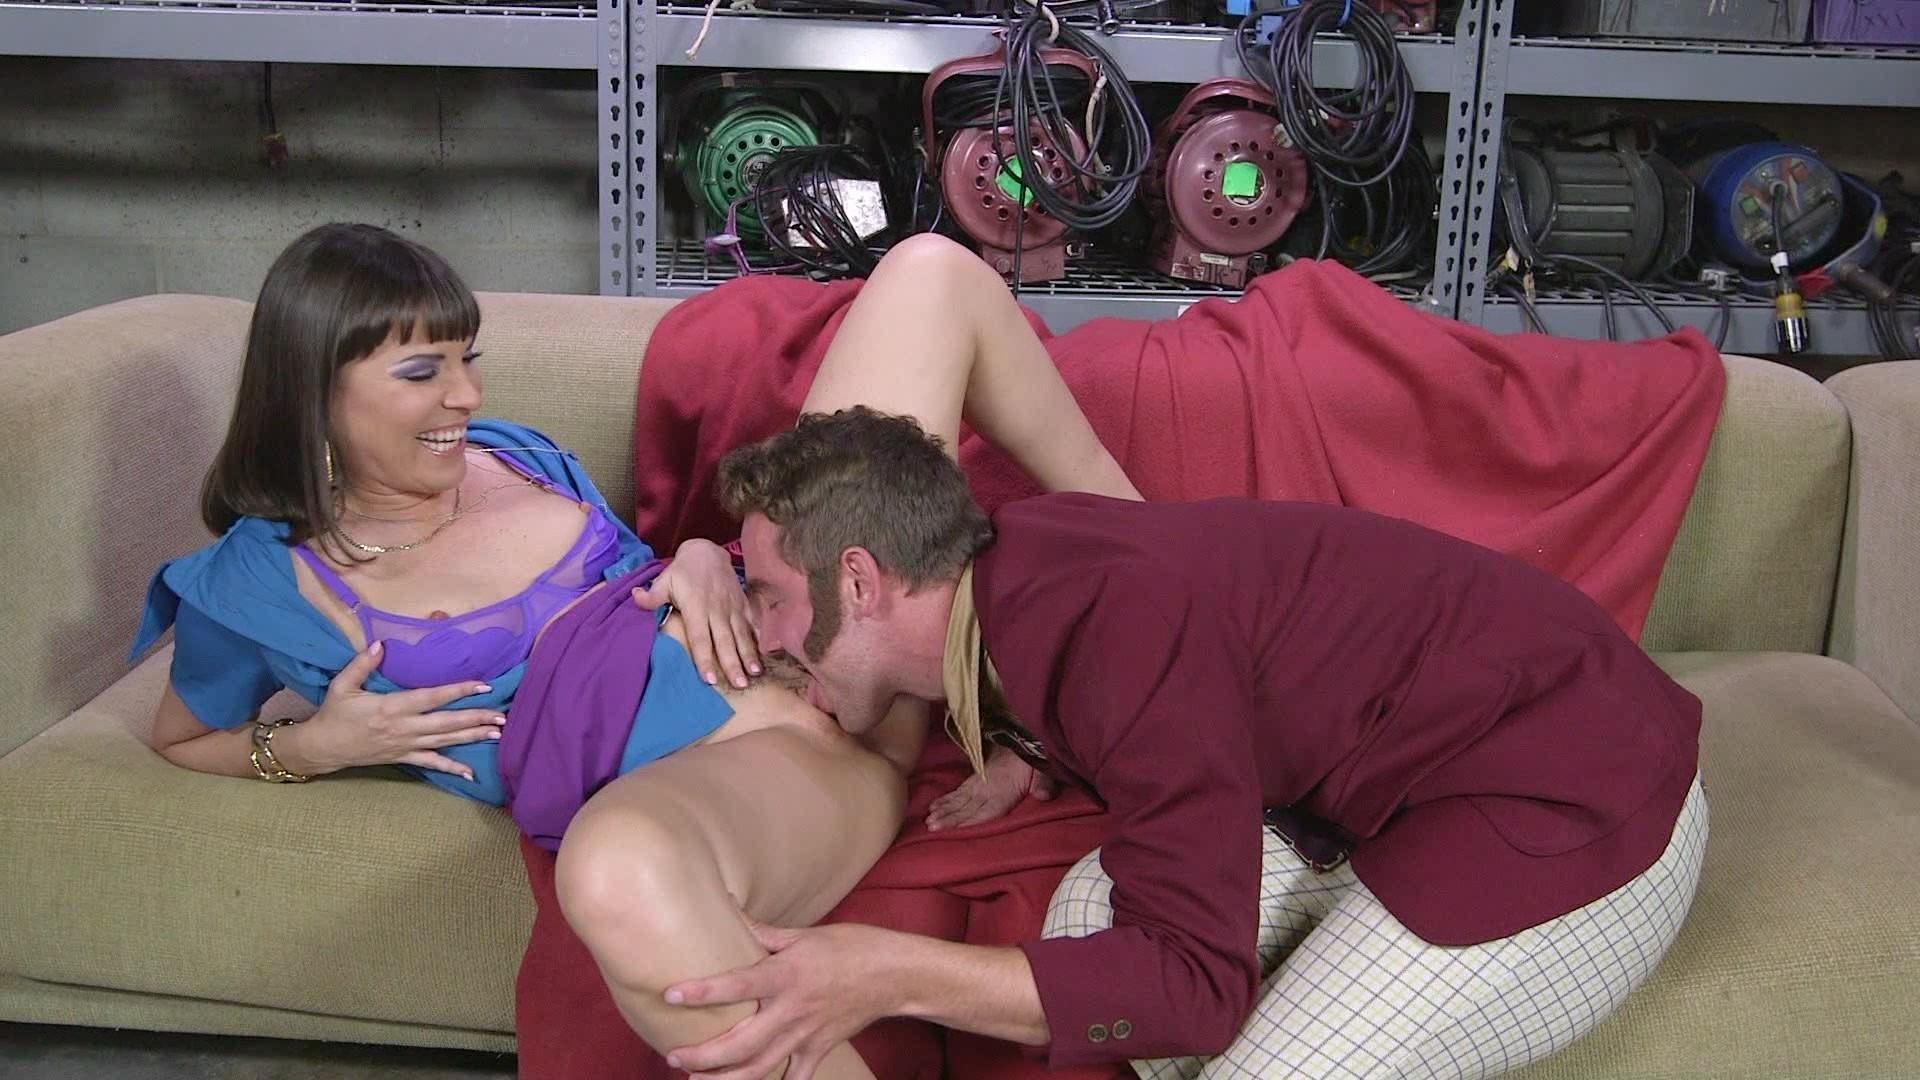 Смотреть кунилингус на диване, Порно кунилингуса онлайн бесплатно в хорошем 22 фотография